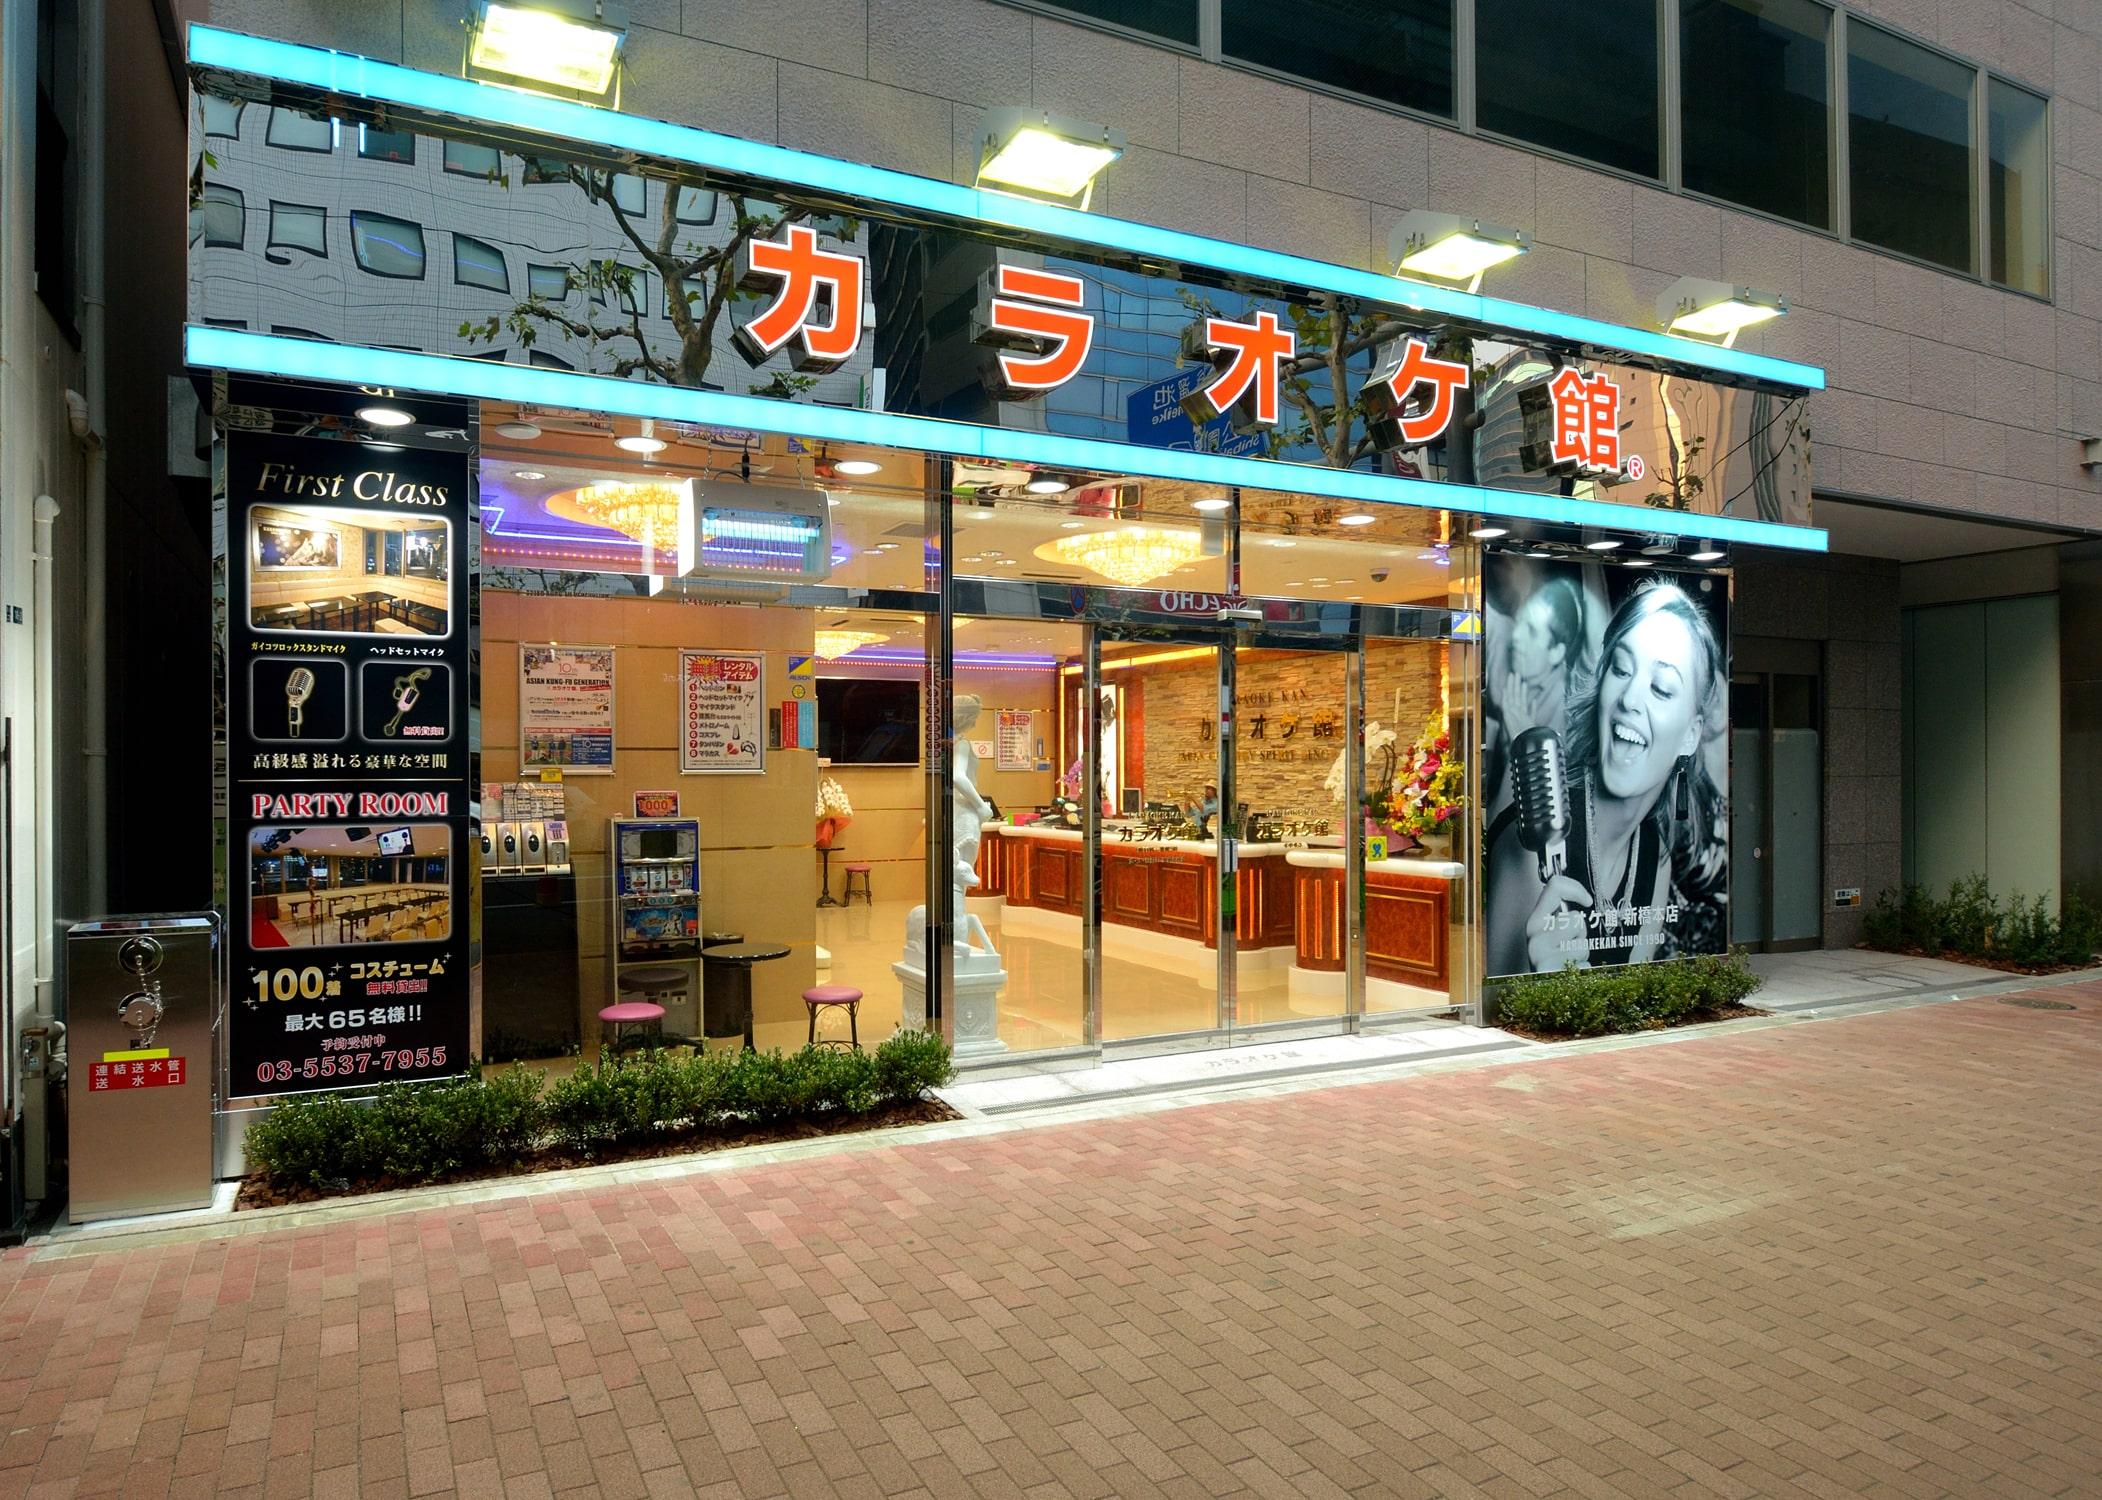 カラオケ館 東門街店